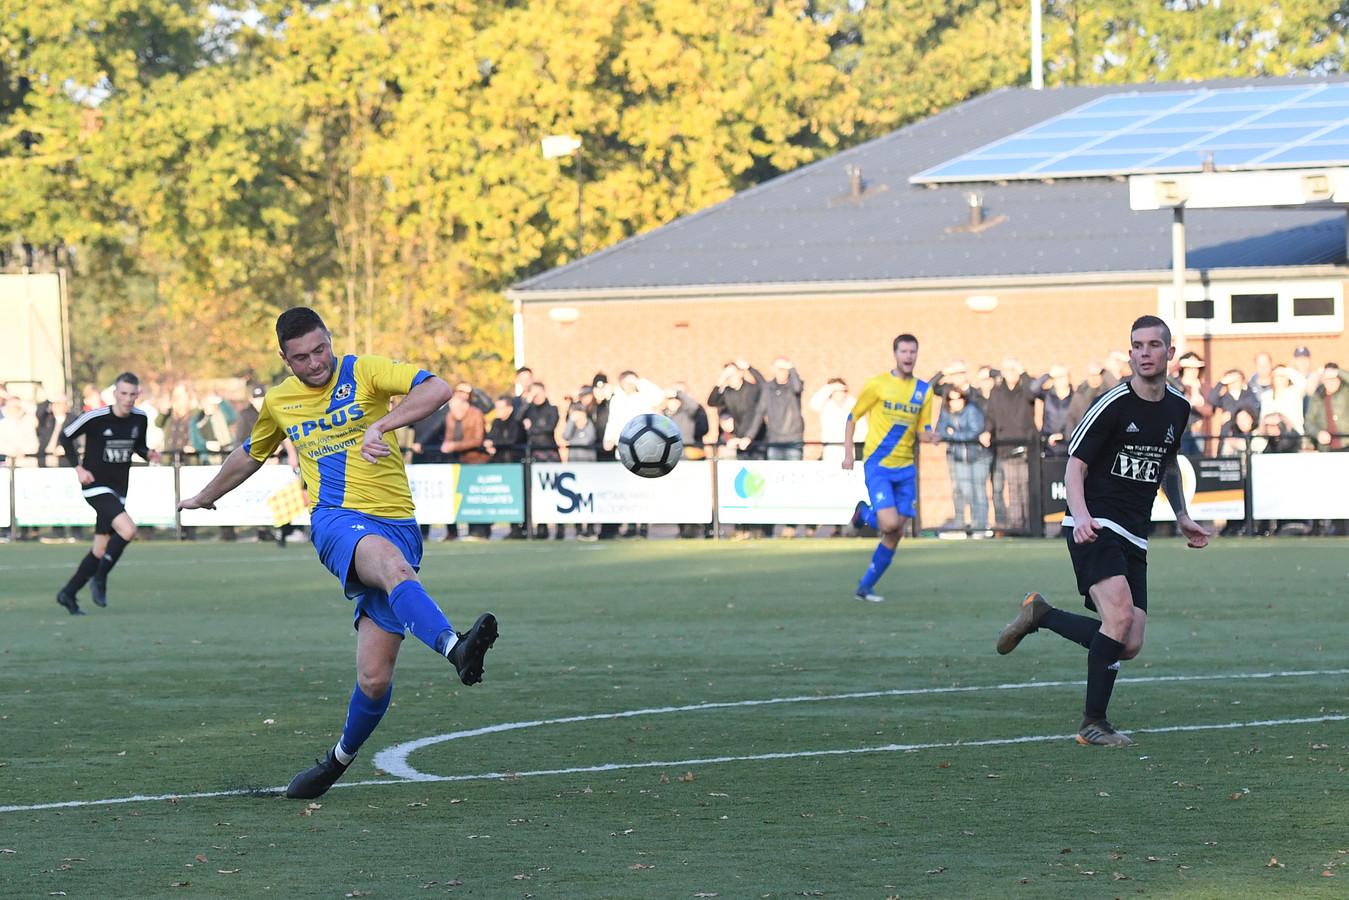 Bas van Doormalen haalt uit namens RKVVO voor de 3-0. Verdediger Tommy van de Wiel van Marvilde kijkt toe.